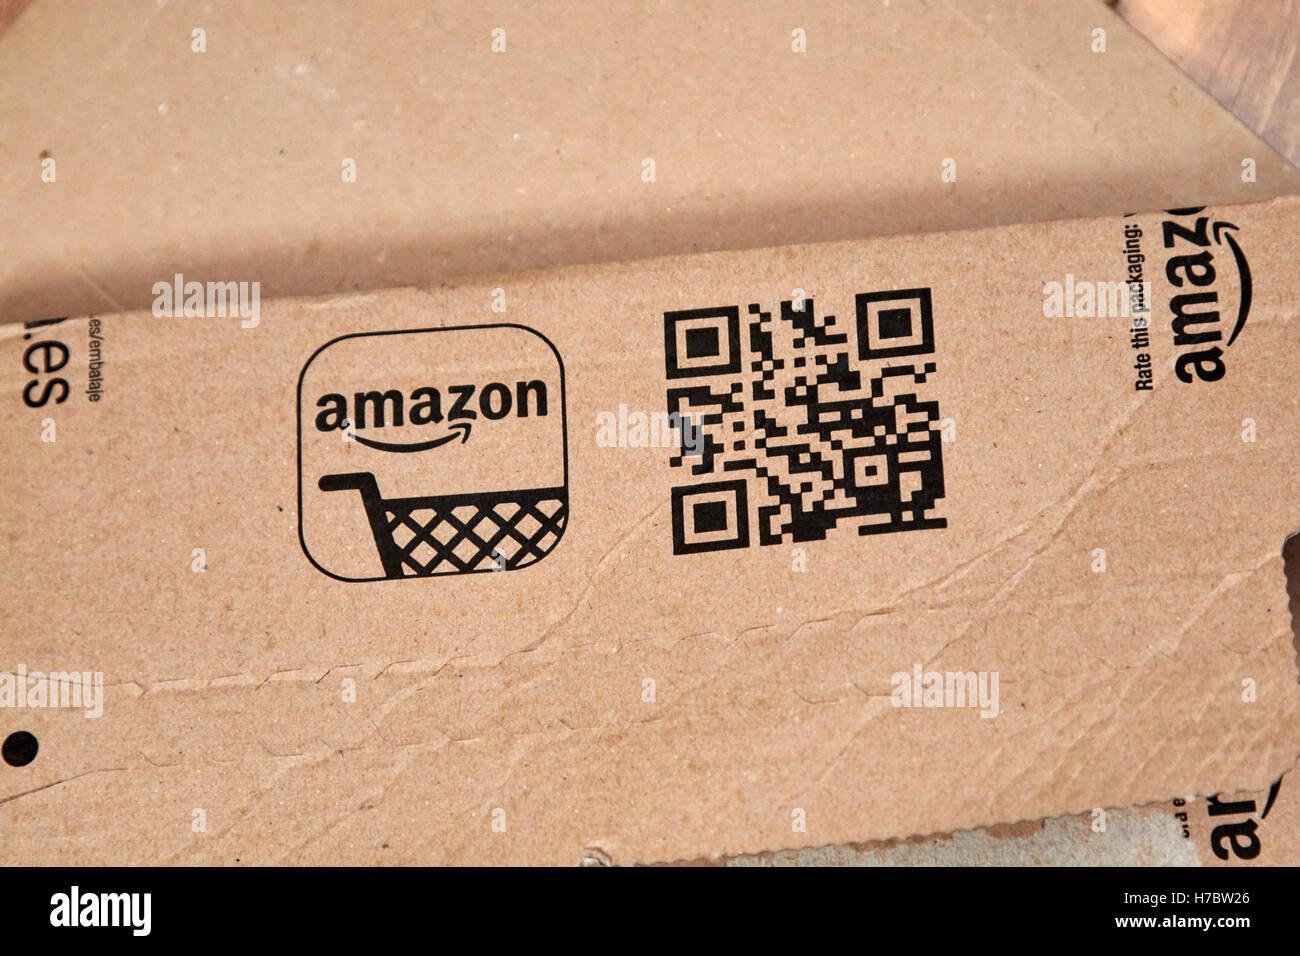 Amazon cartón mailer con código QR Imagen De Stock